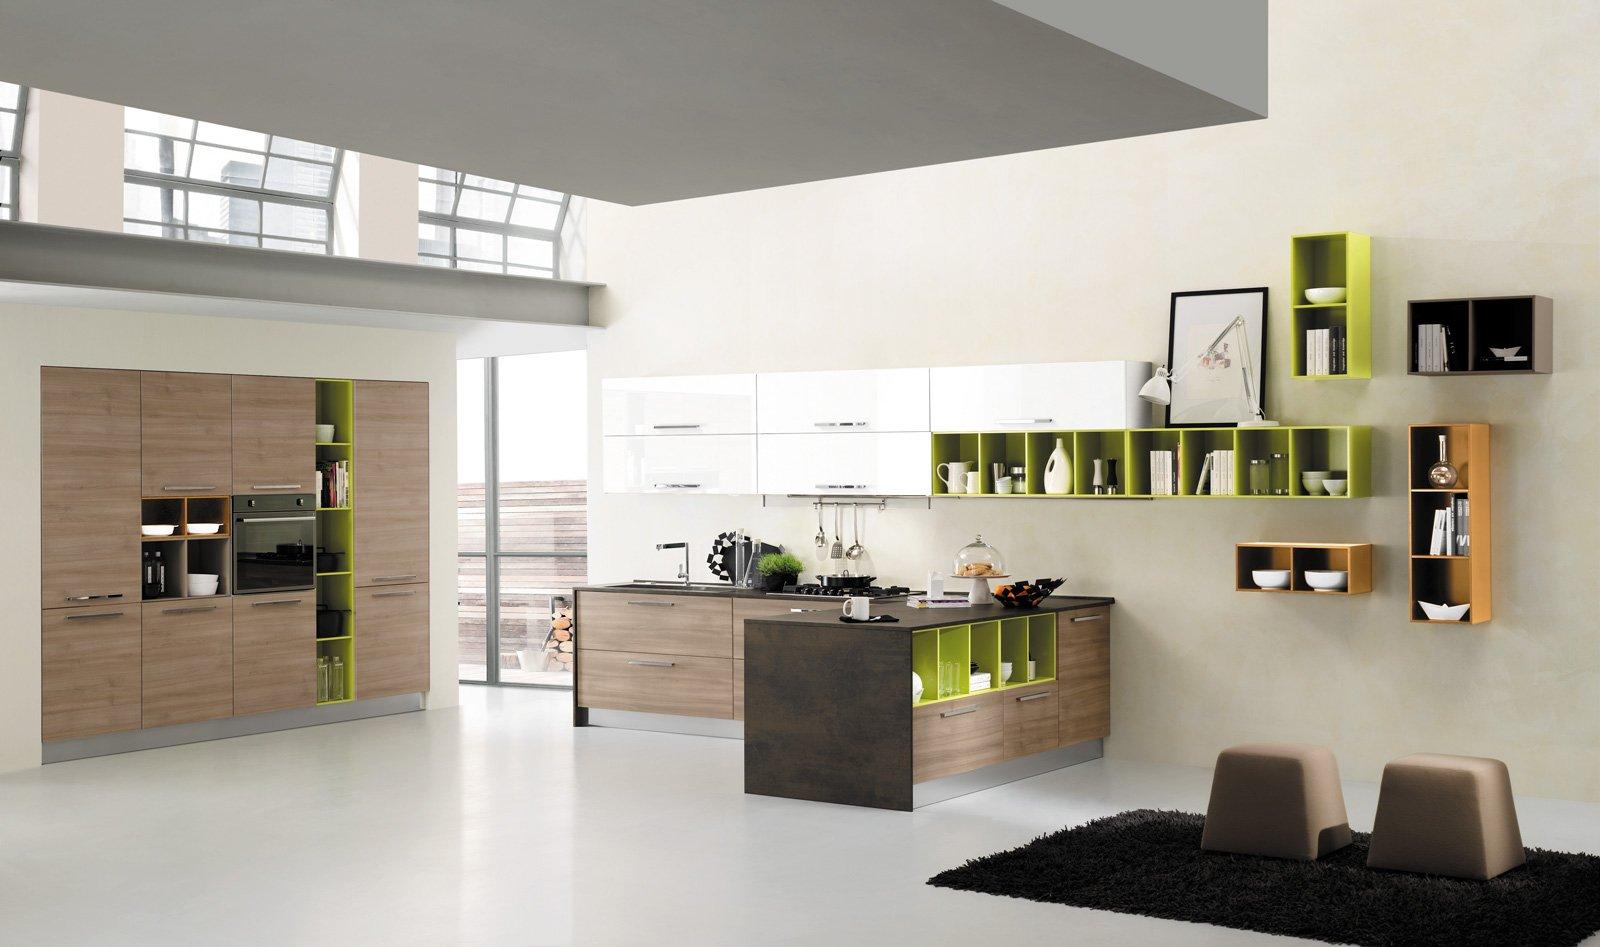 Cucine con elementi colorati: mensole, vani a giorno, profili - Cose ...